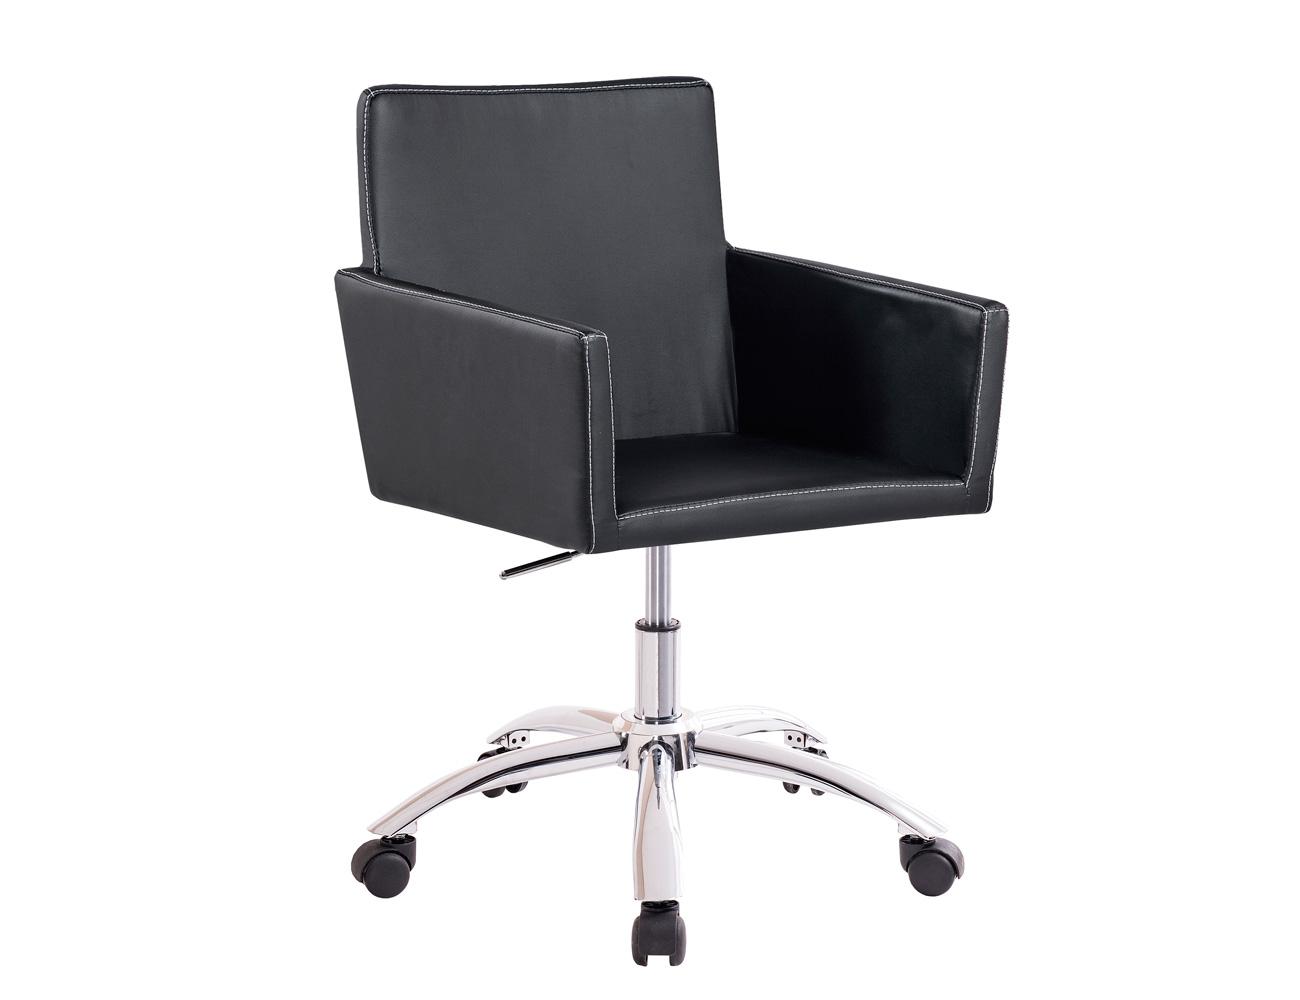 Sillon oficina despacho regulable altura ruedas polipiel negro